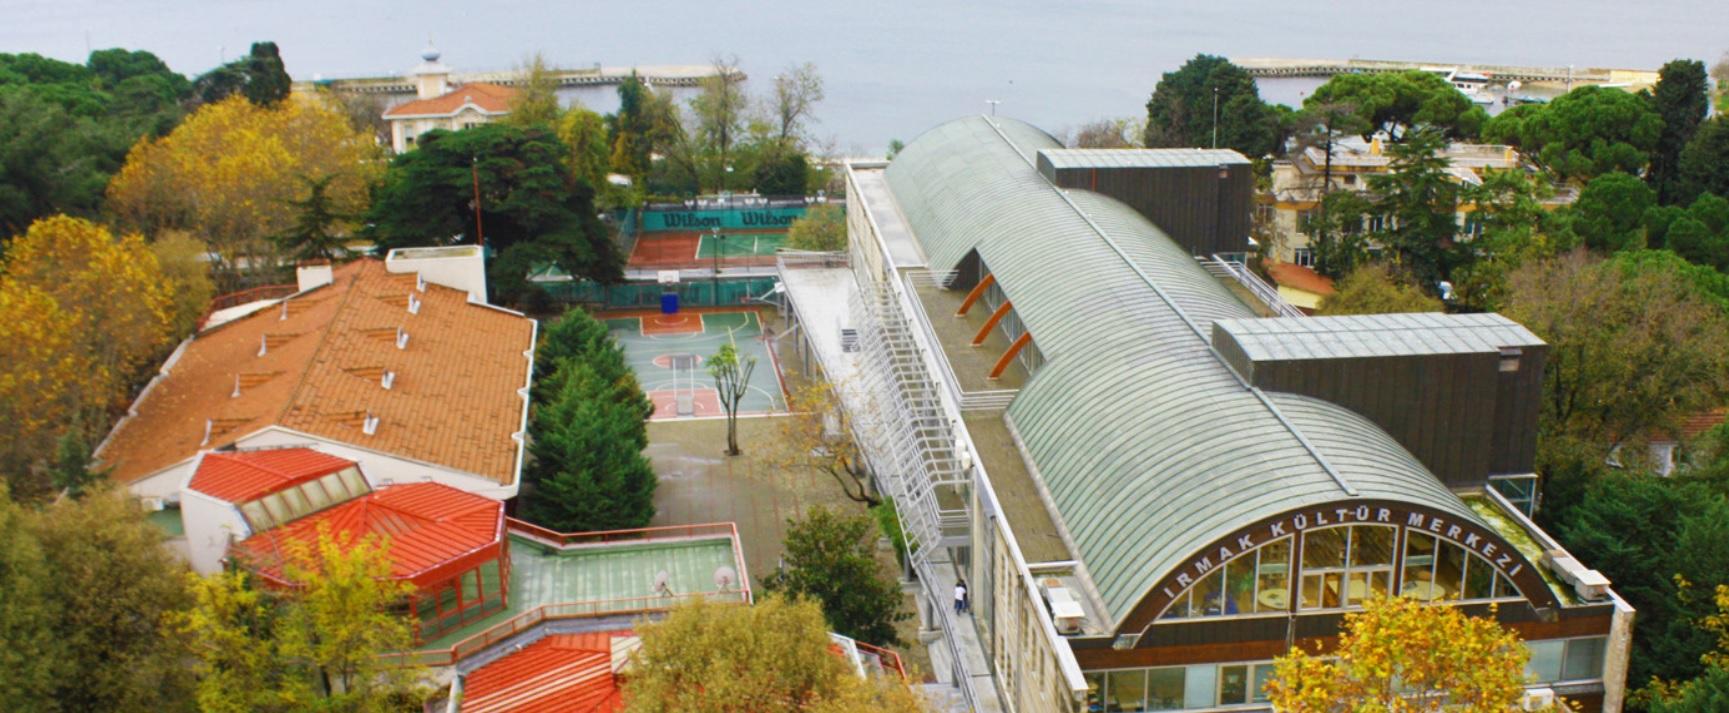 Irmak Okulları Feneryolu Anaokulu